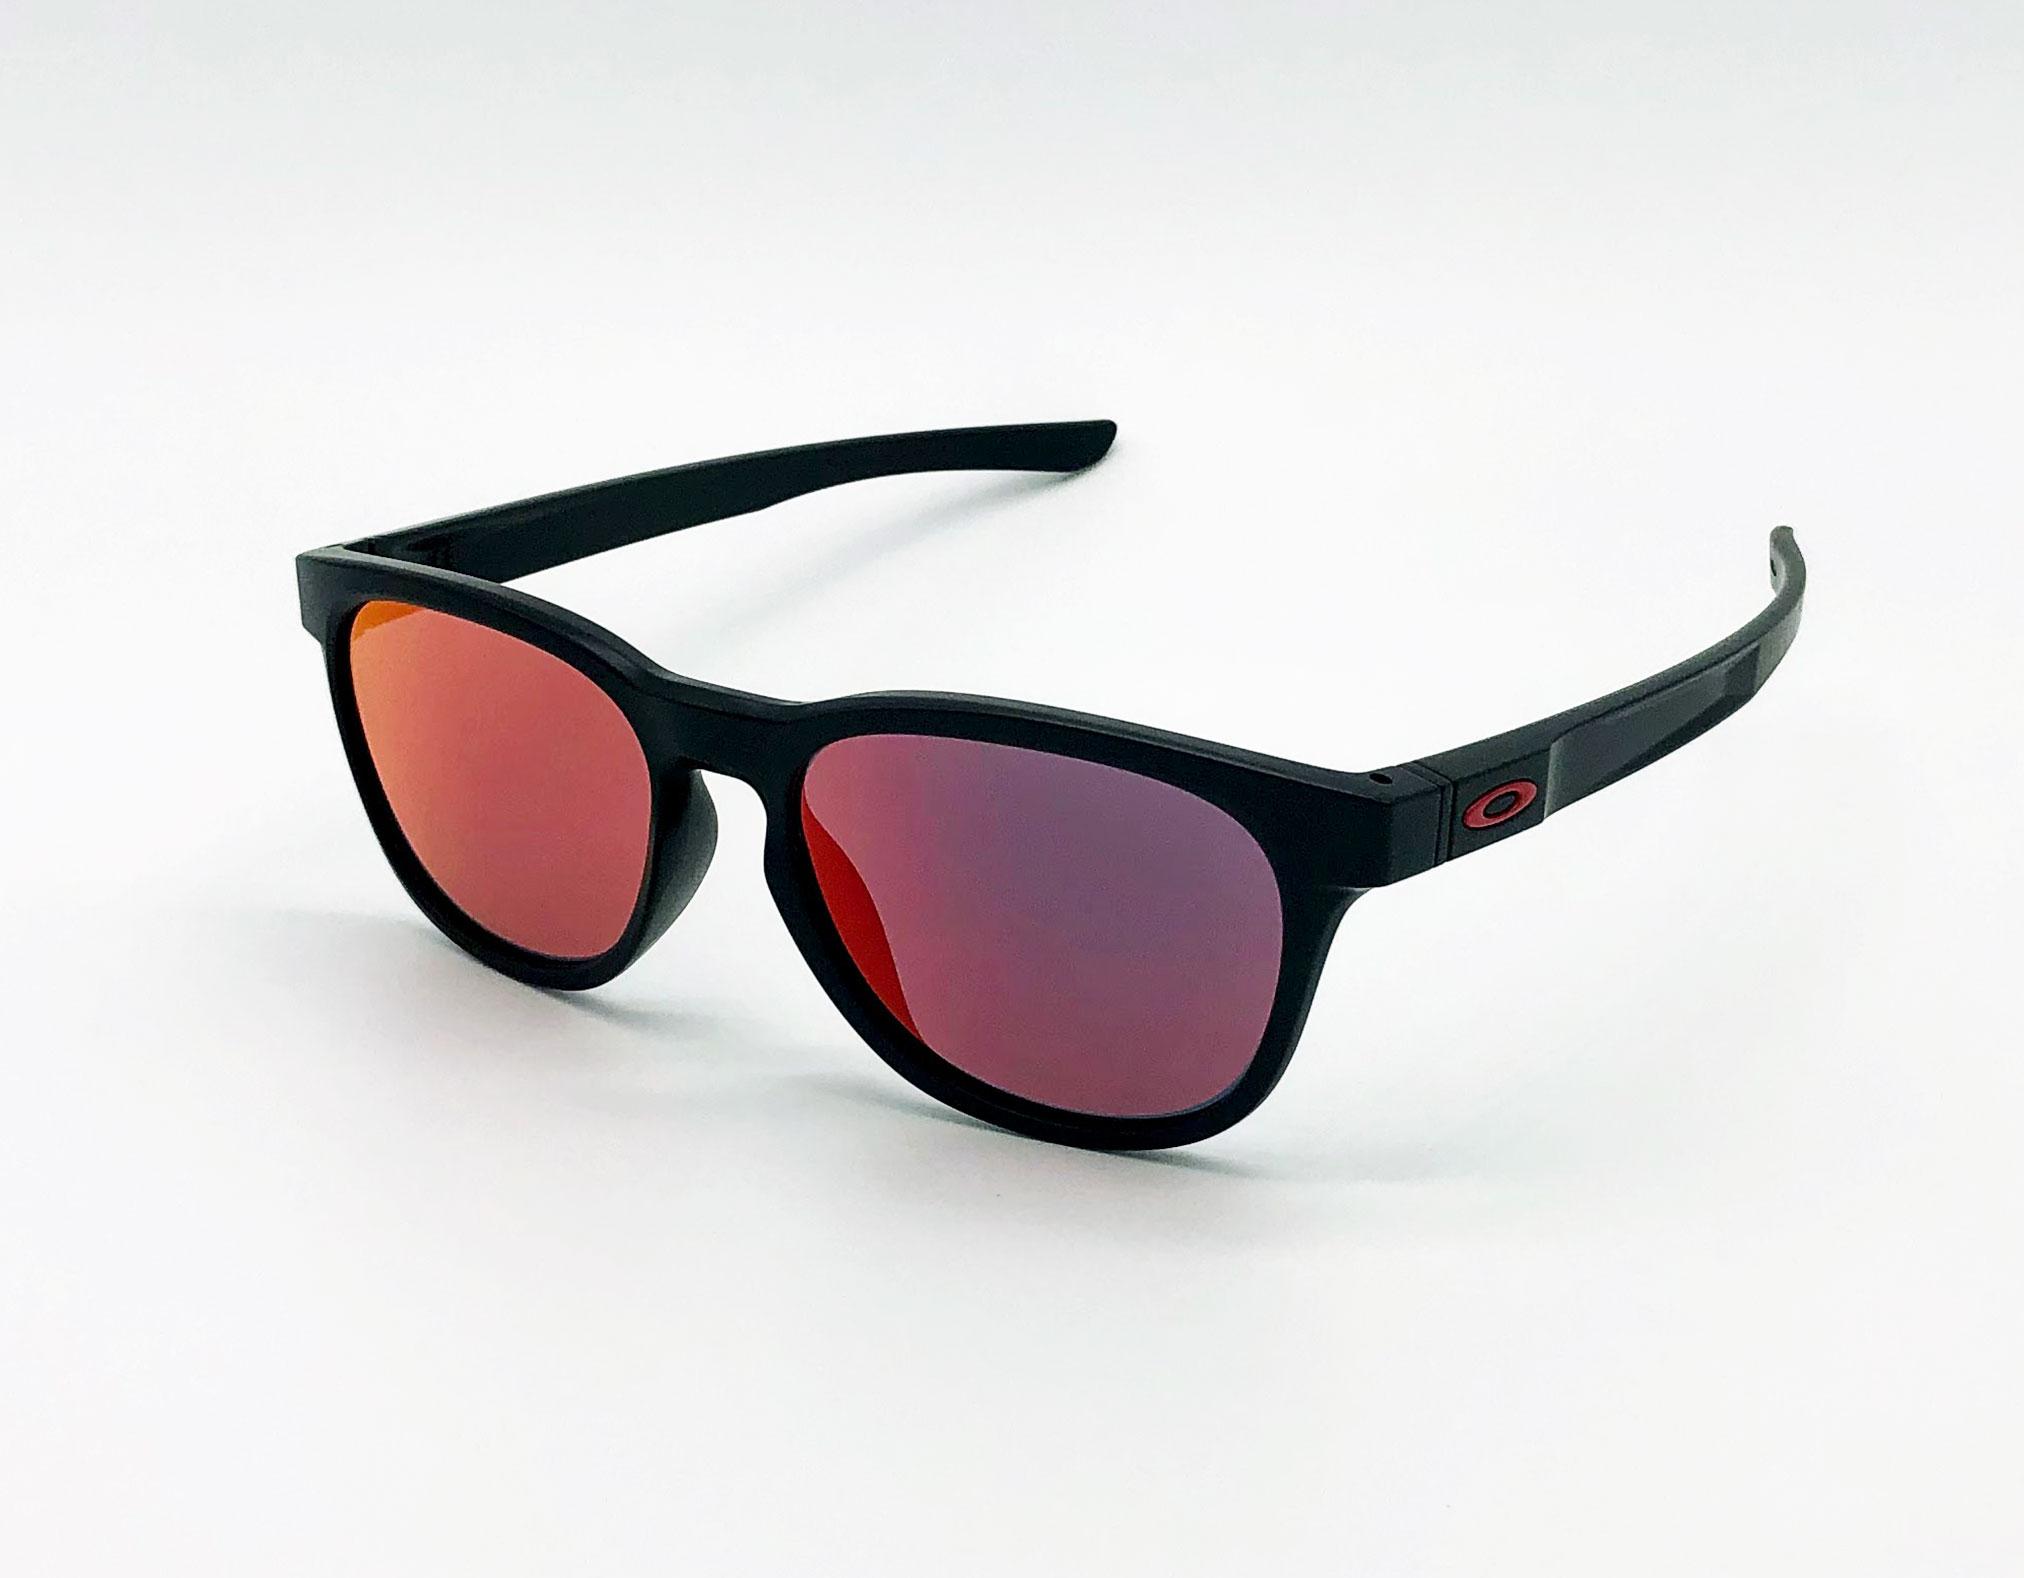 Ulleres de sol Oakley 2020 Matte Black 931516 Natural Optics Optica l'Esguard Amposta